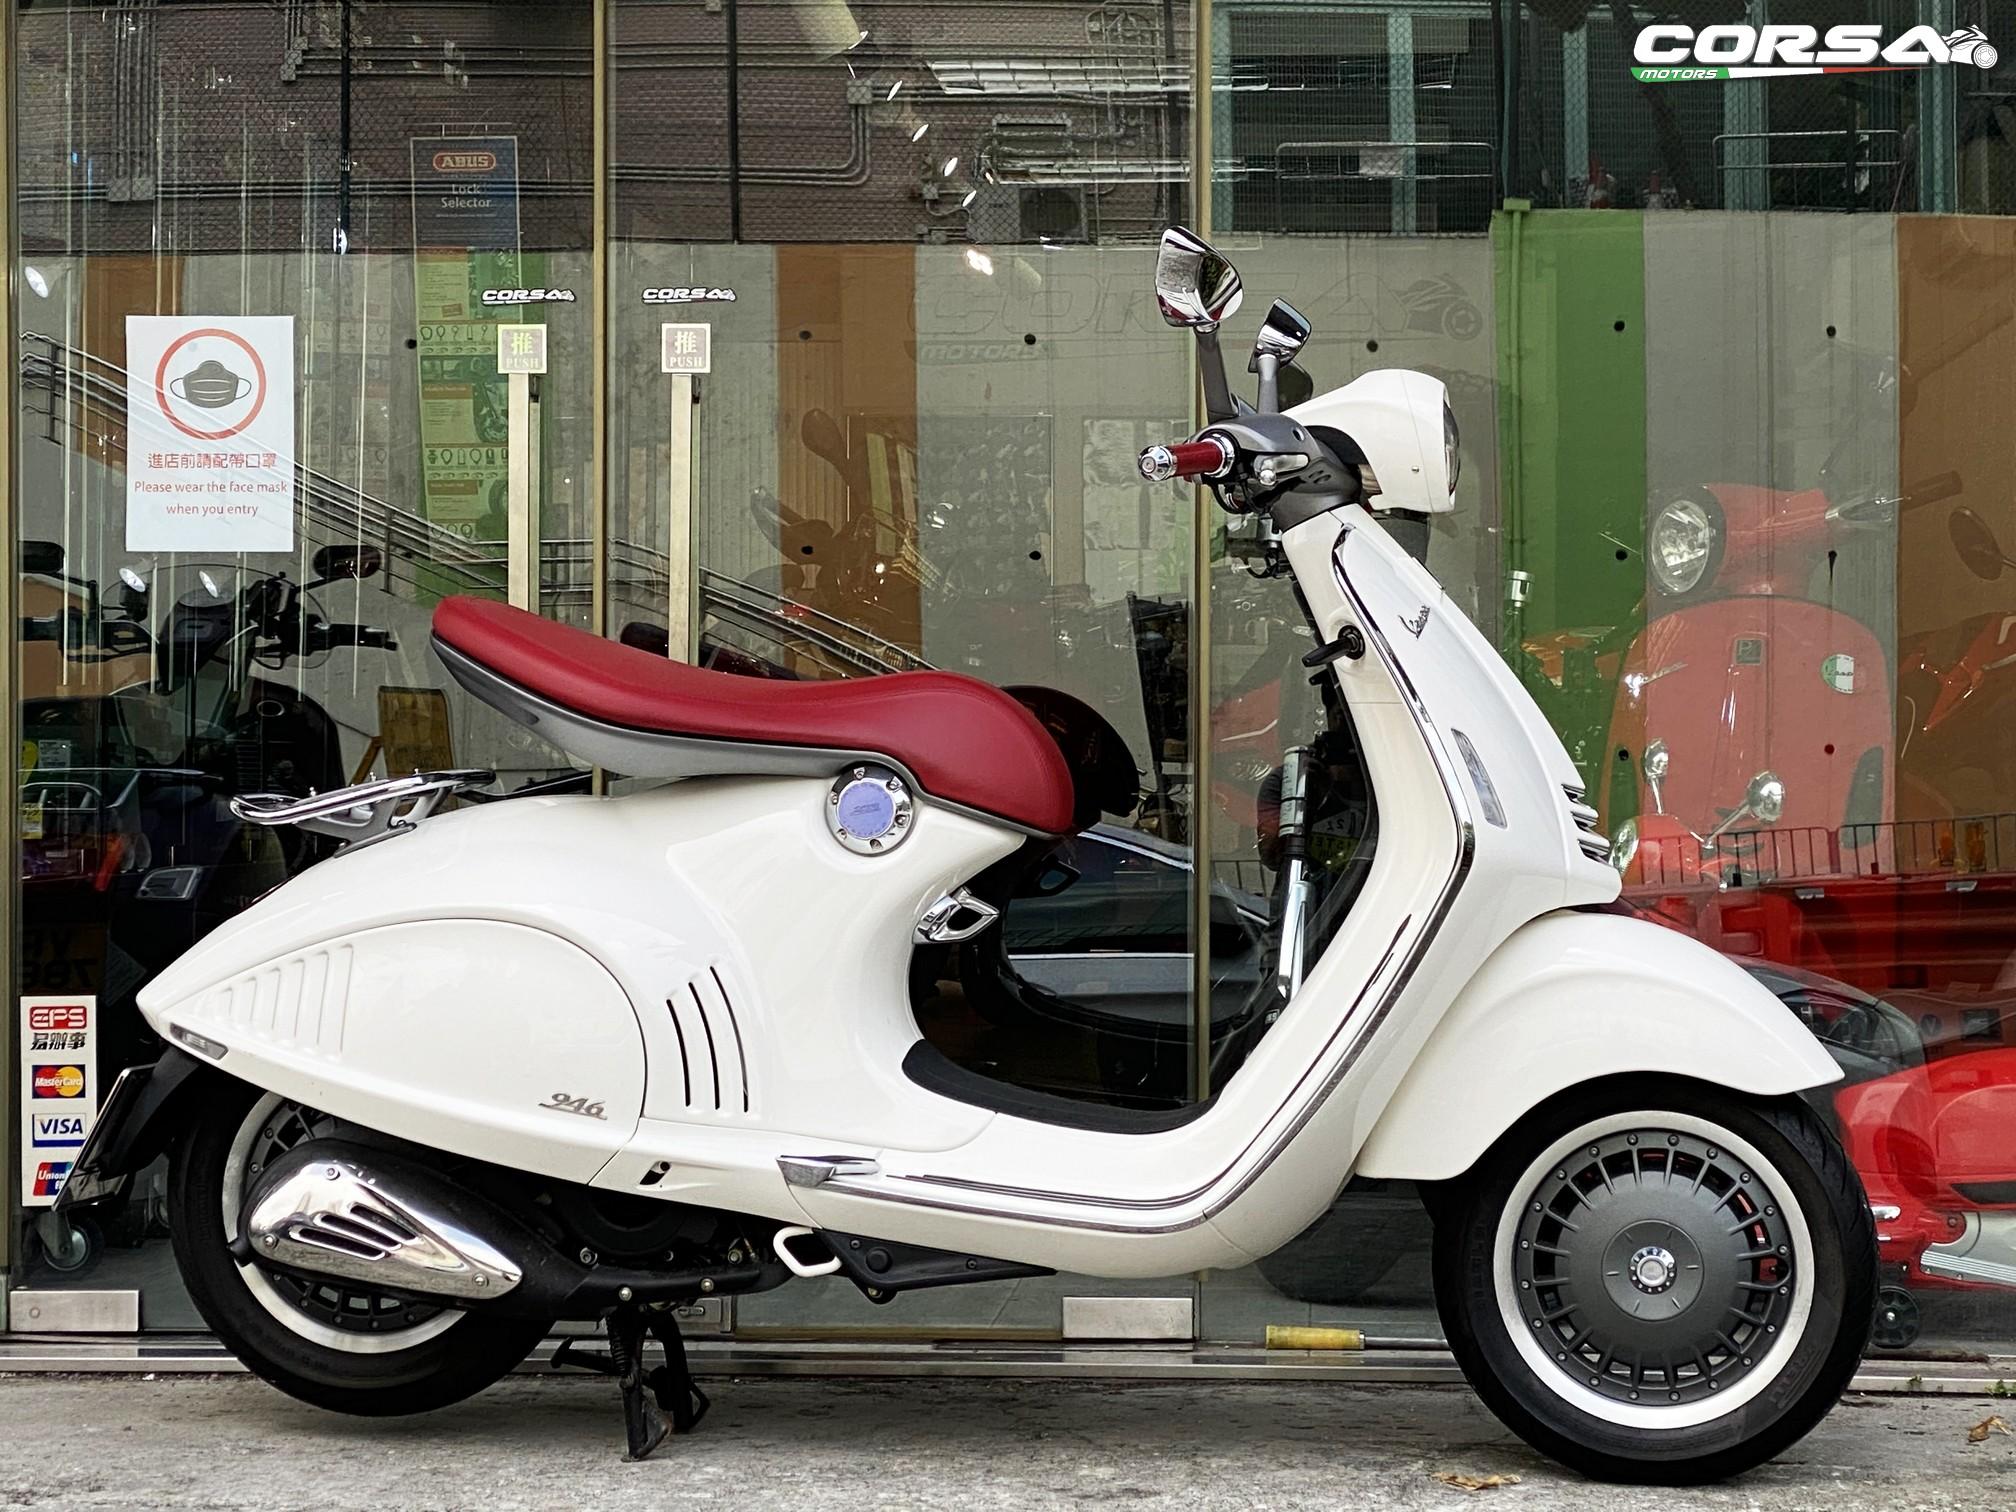 VESPA Vespa 946 2013    -「Webike摩托車市」